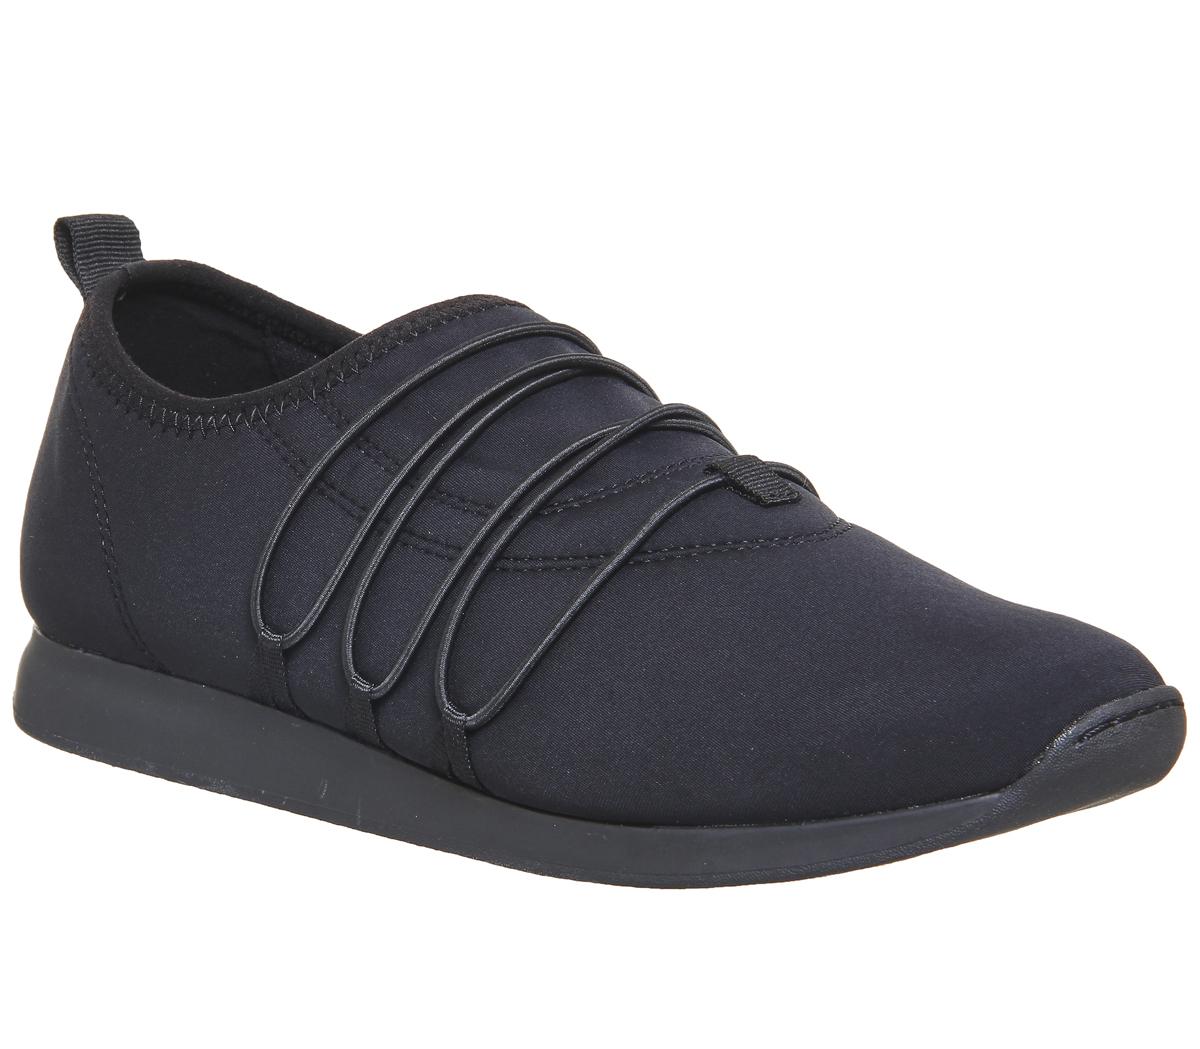 54bae7932b4 ... Zapatillas Para Mujer Elástico Vagabond Kasai 2.0 Negro Zapatillas  Zapatos ...